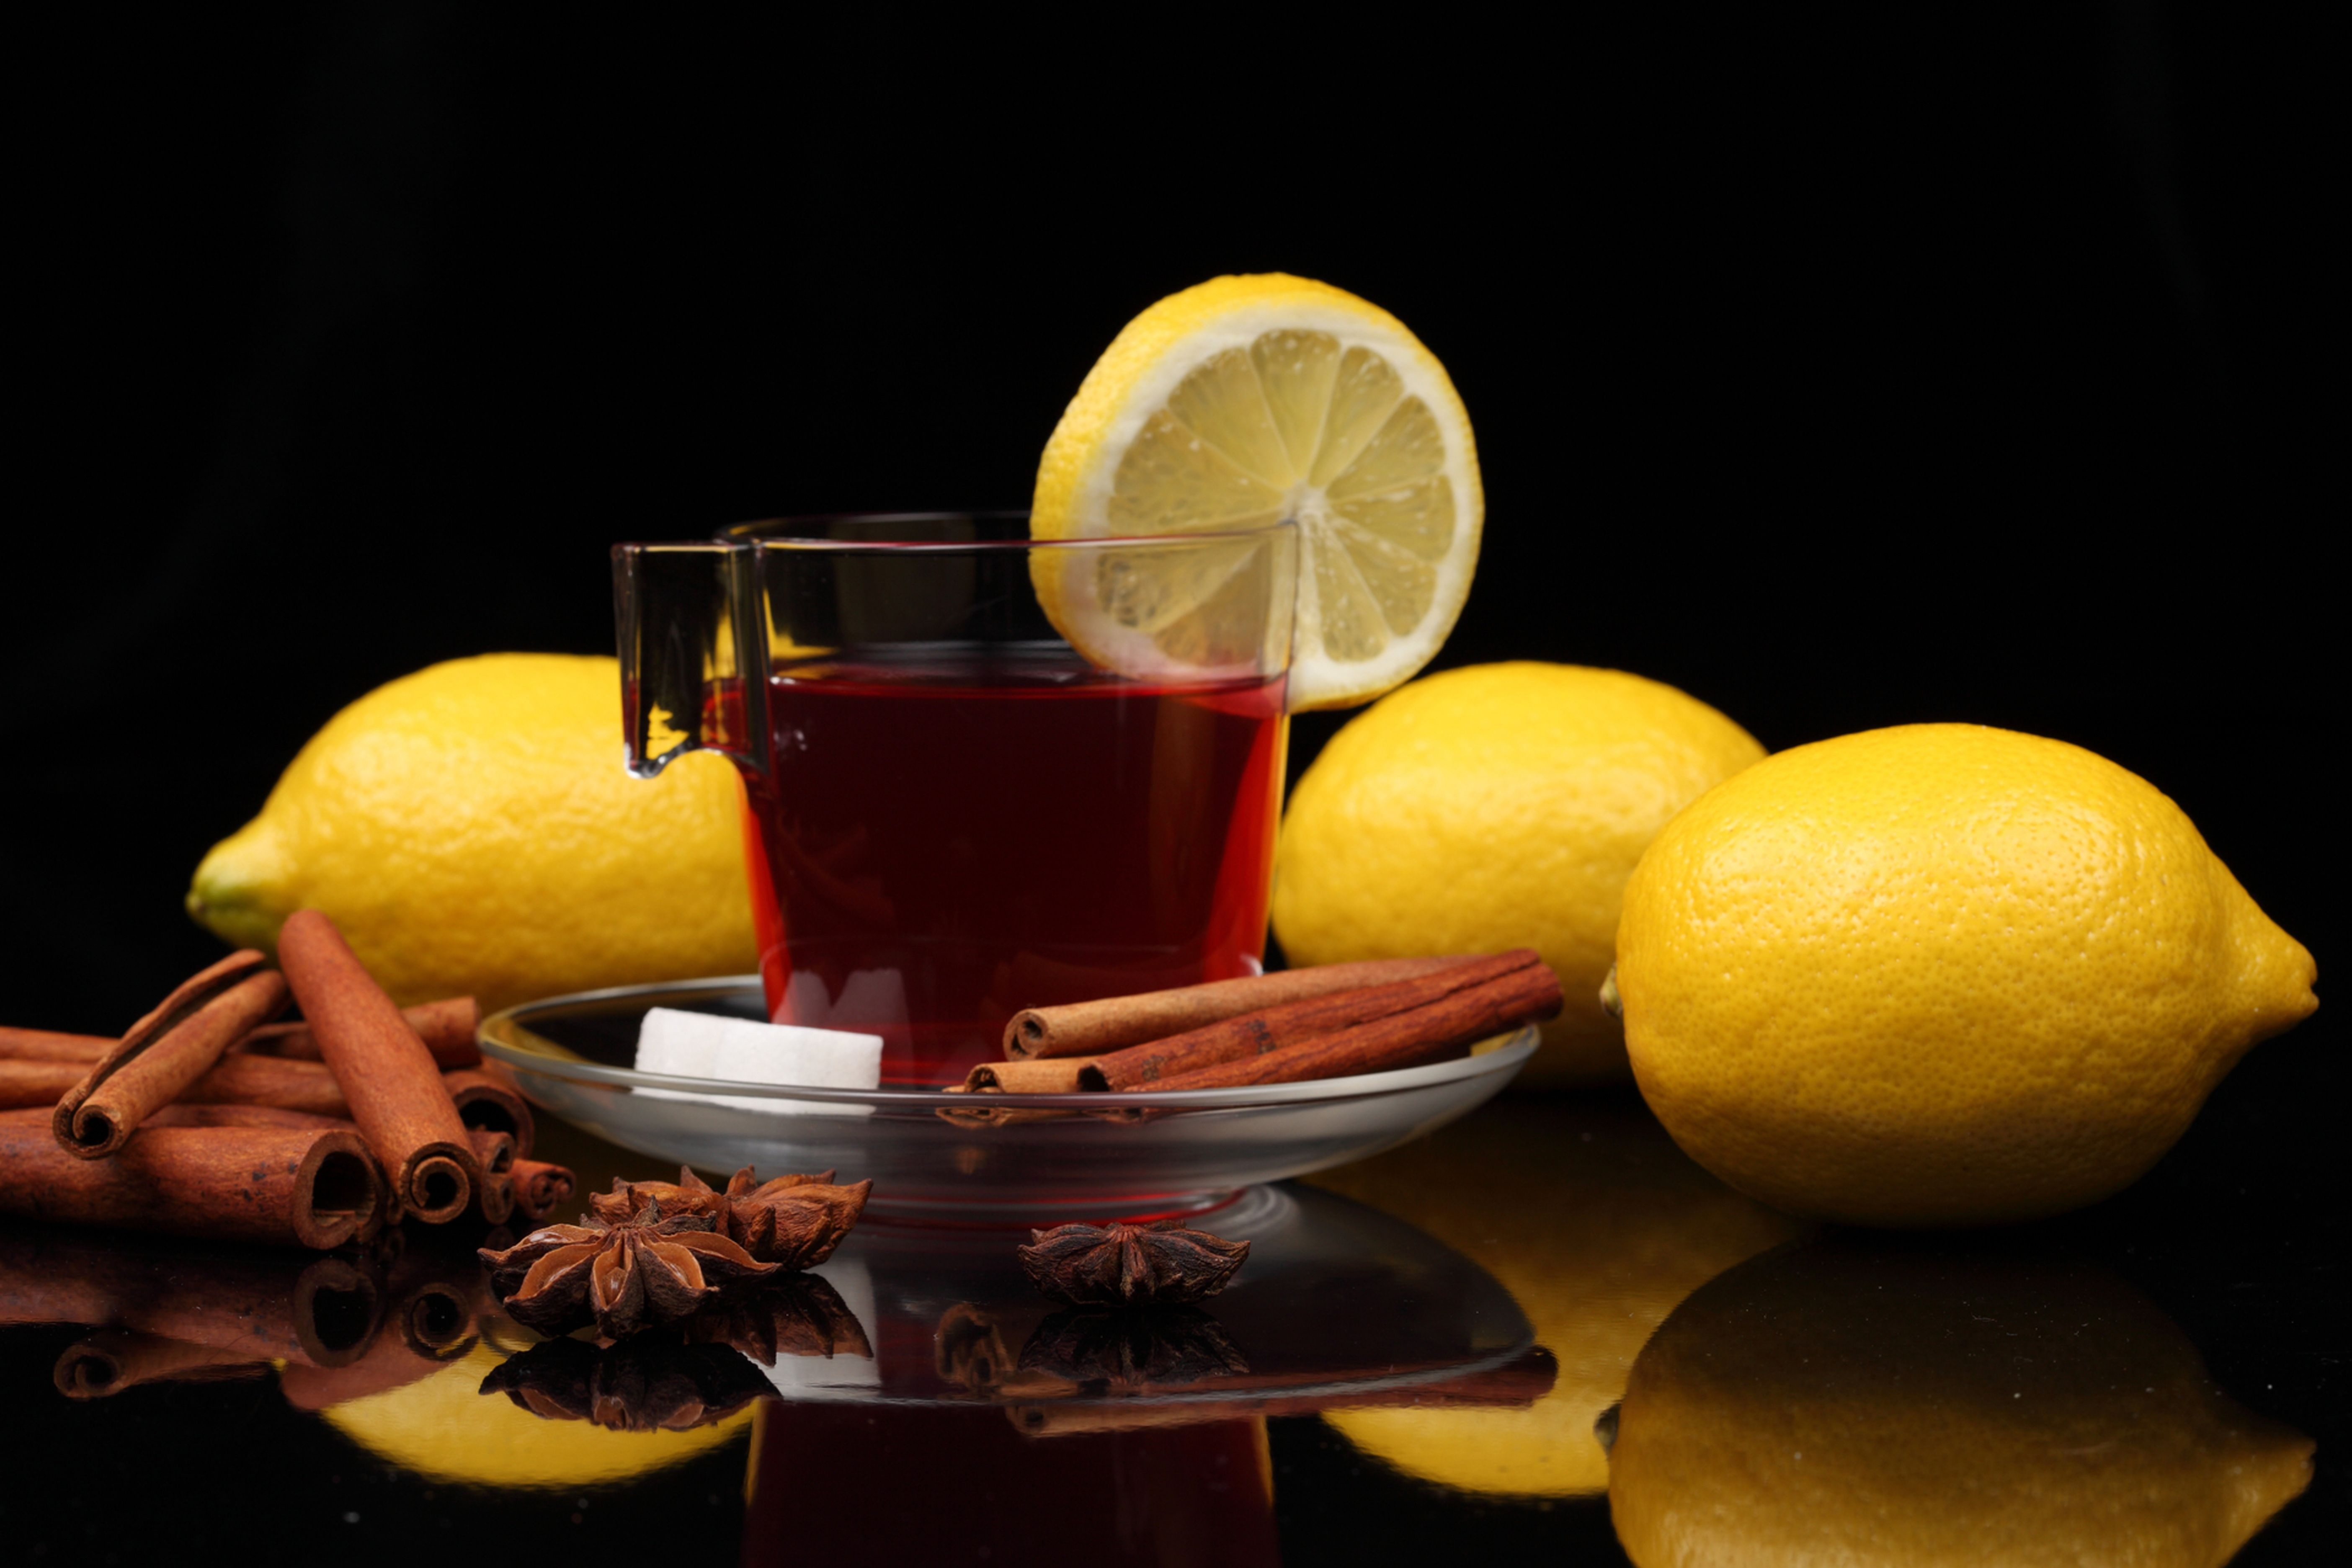 пирожные лимоны чай  № 3678347  скачать